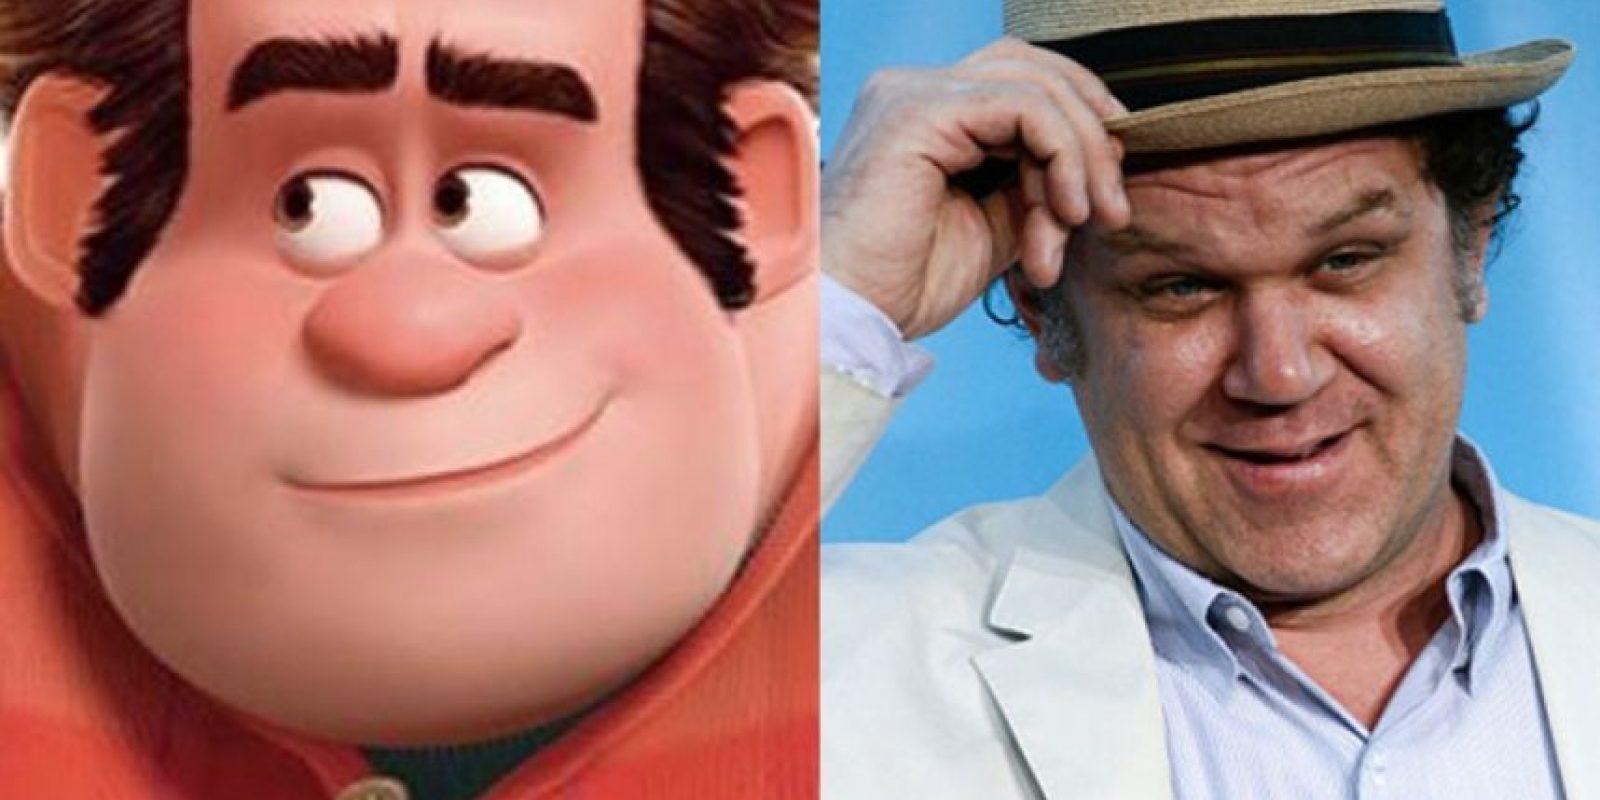 """15. El parecido entre ambos es mucho. John C. Reilly y """"Ralph el demoledor"""" Foto:Totally Looks Like"""